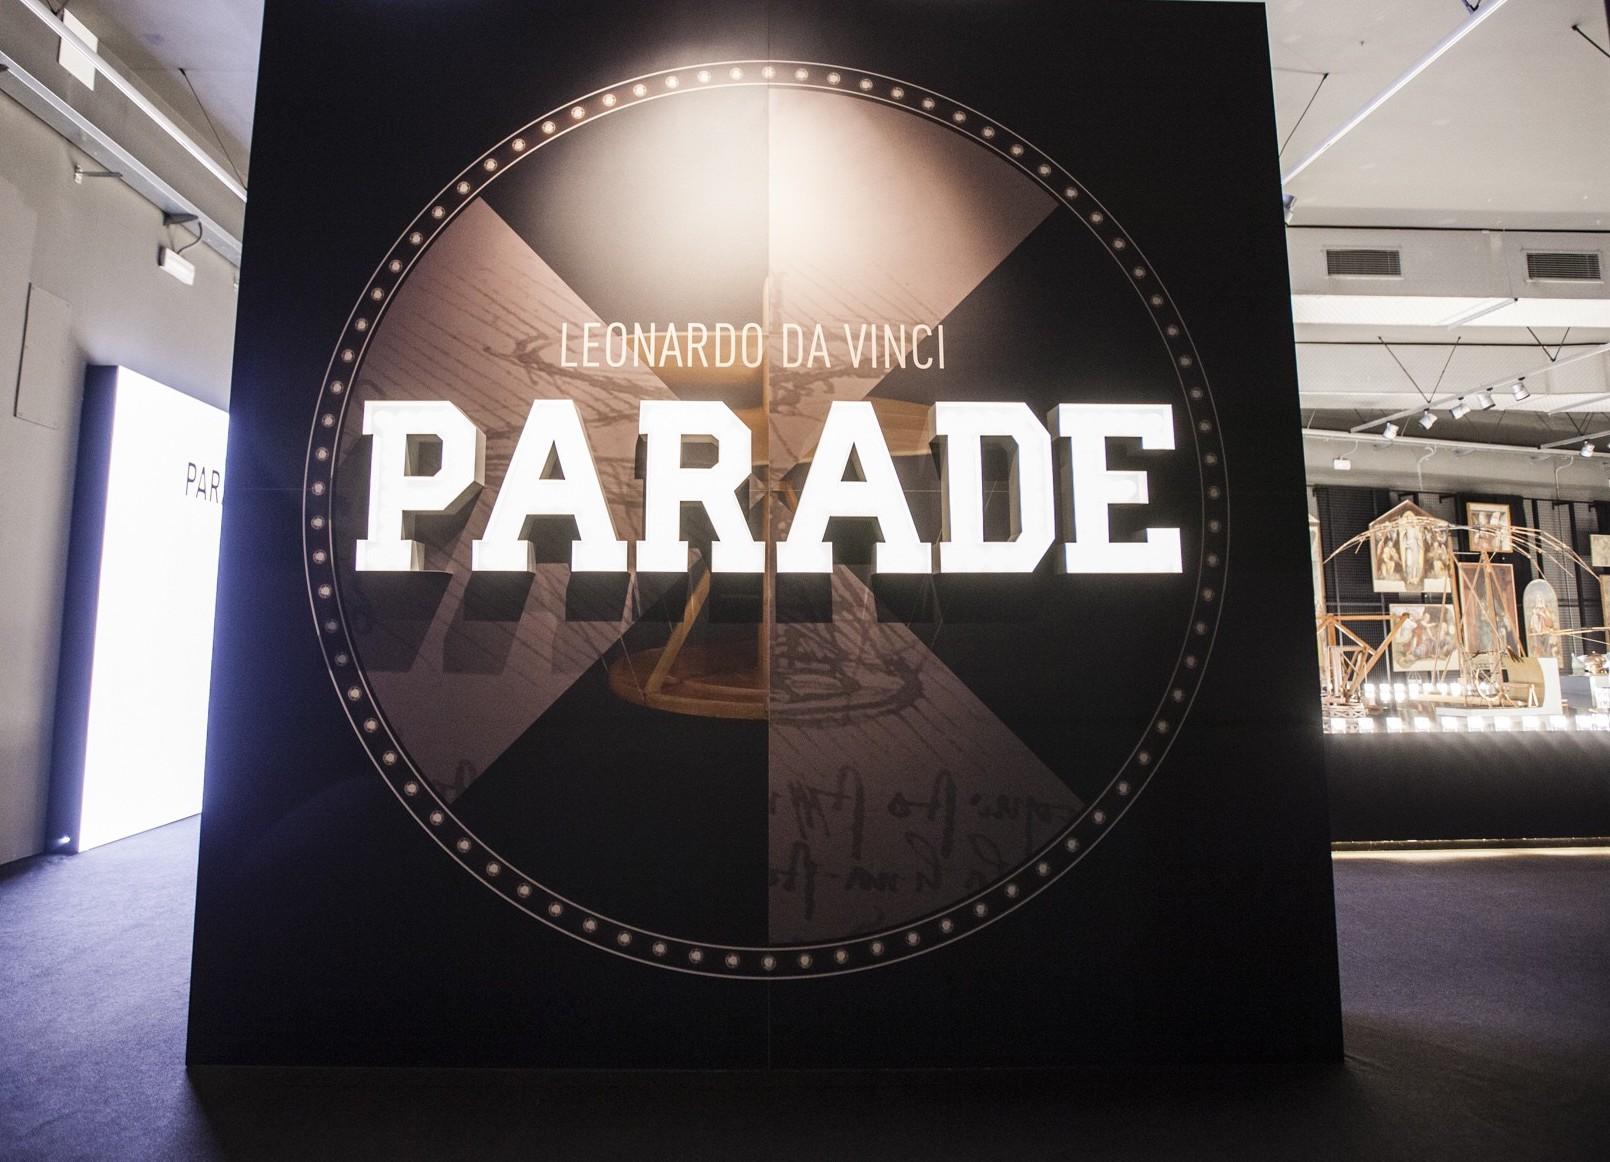 Leonardo Parade, Museo della Scienza e della Tecnologia, Leonardo da Vinci Parade, Leonardo da Vinci, Milano